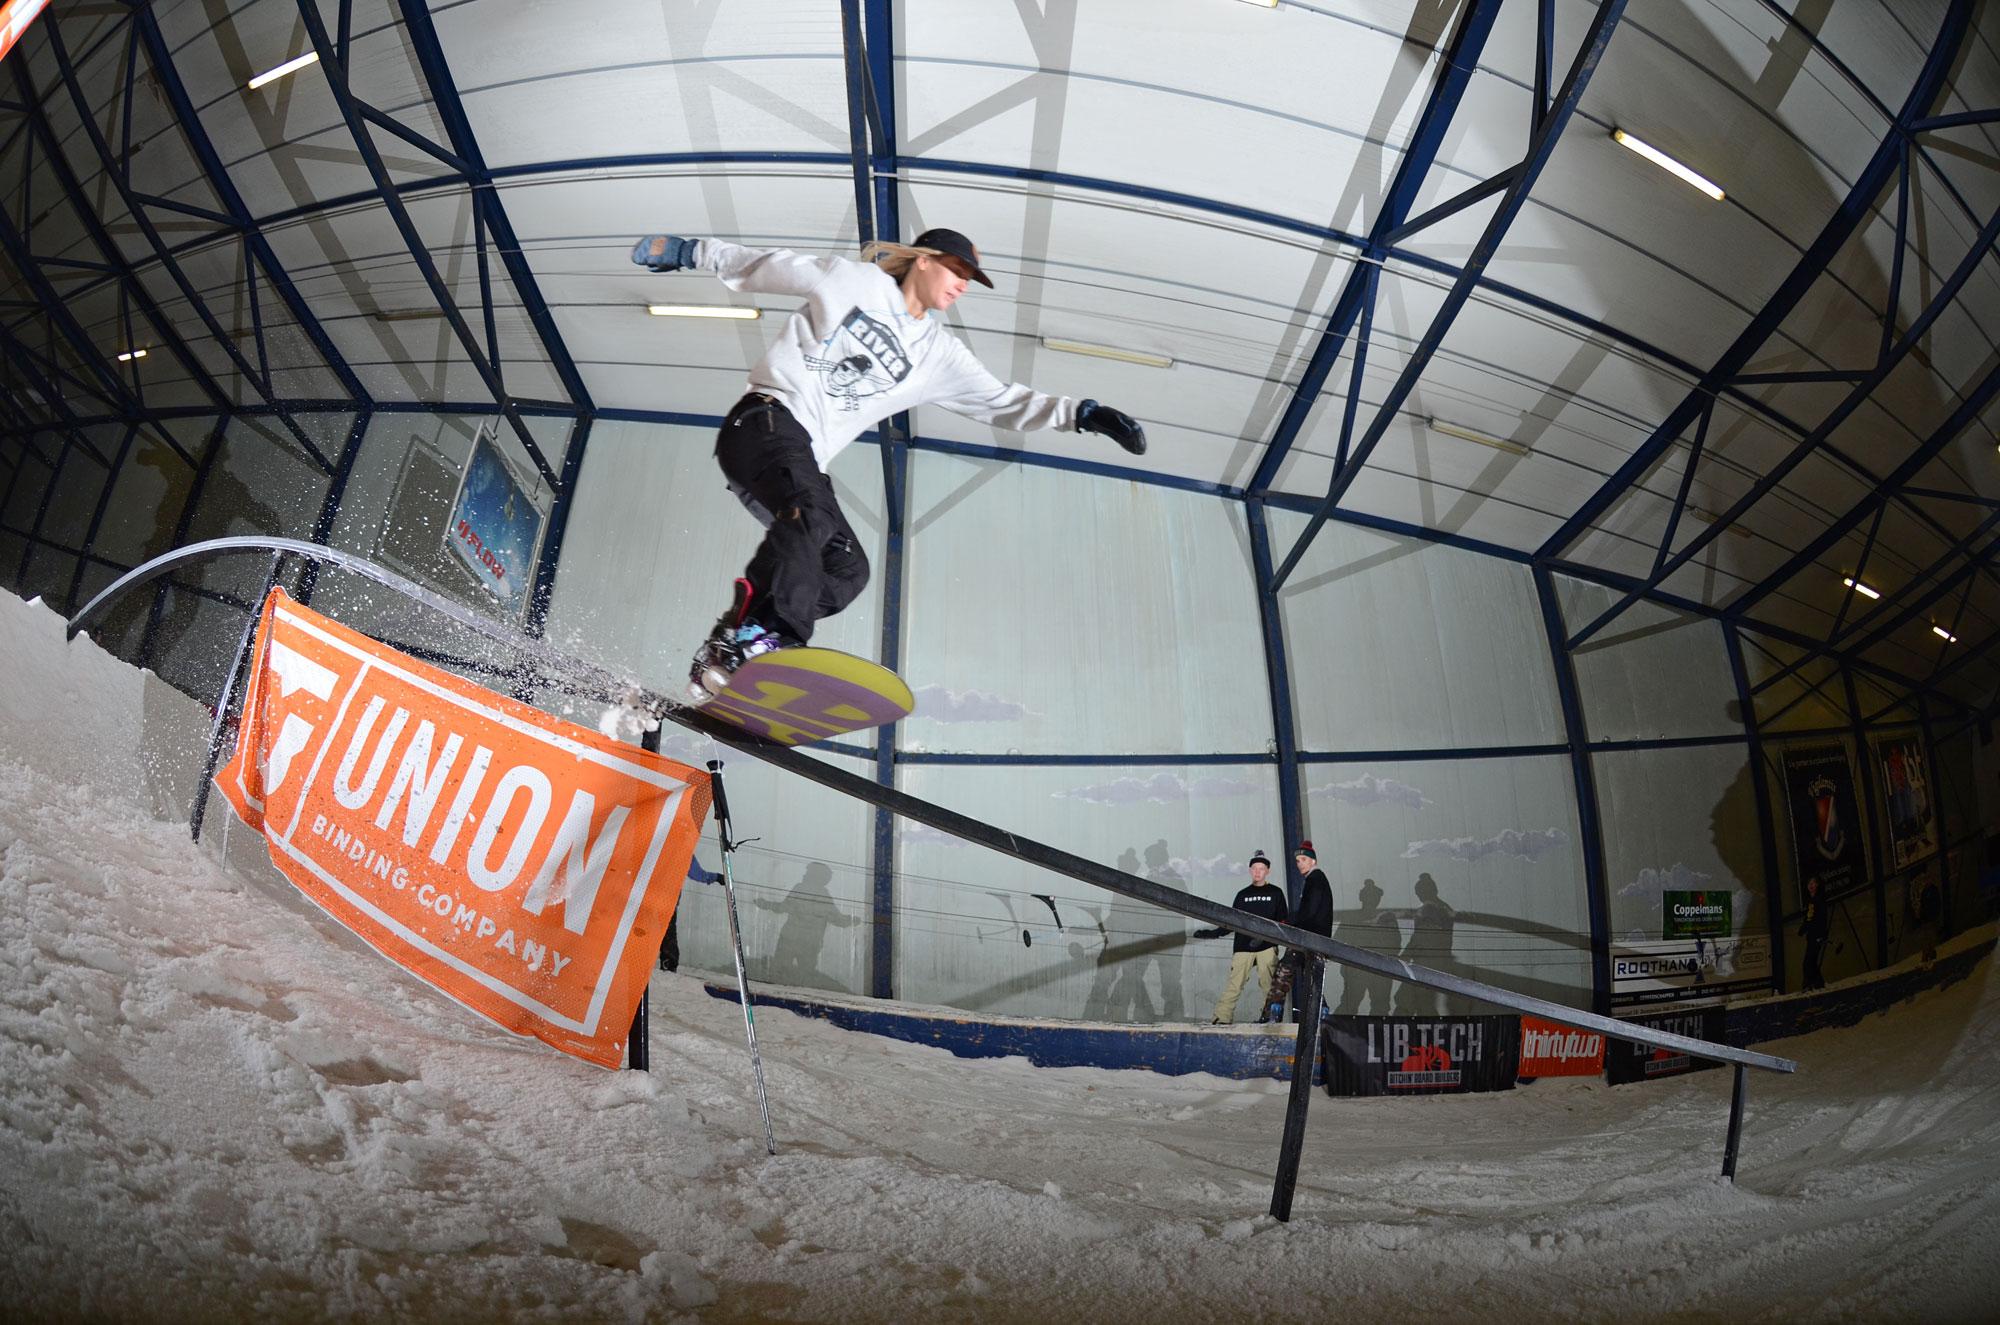 Veroniqui Hanssen. Boardslide. Photo: Jascha vd Wijden